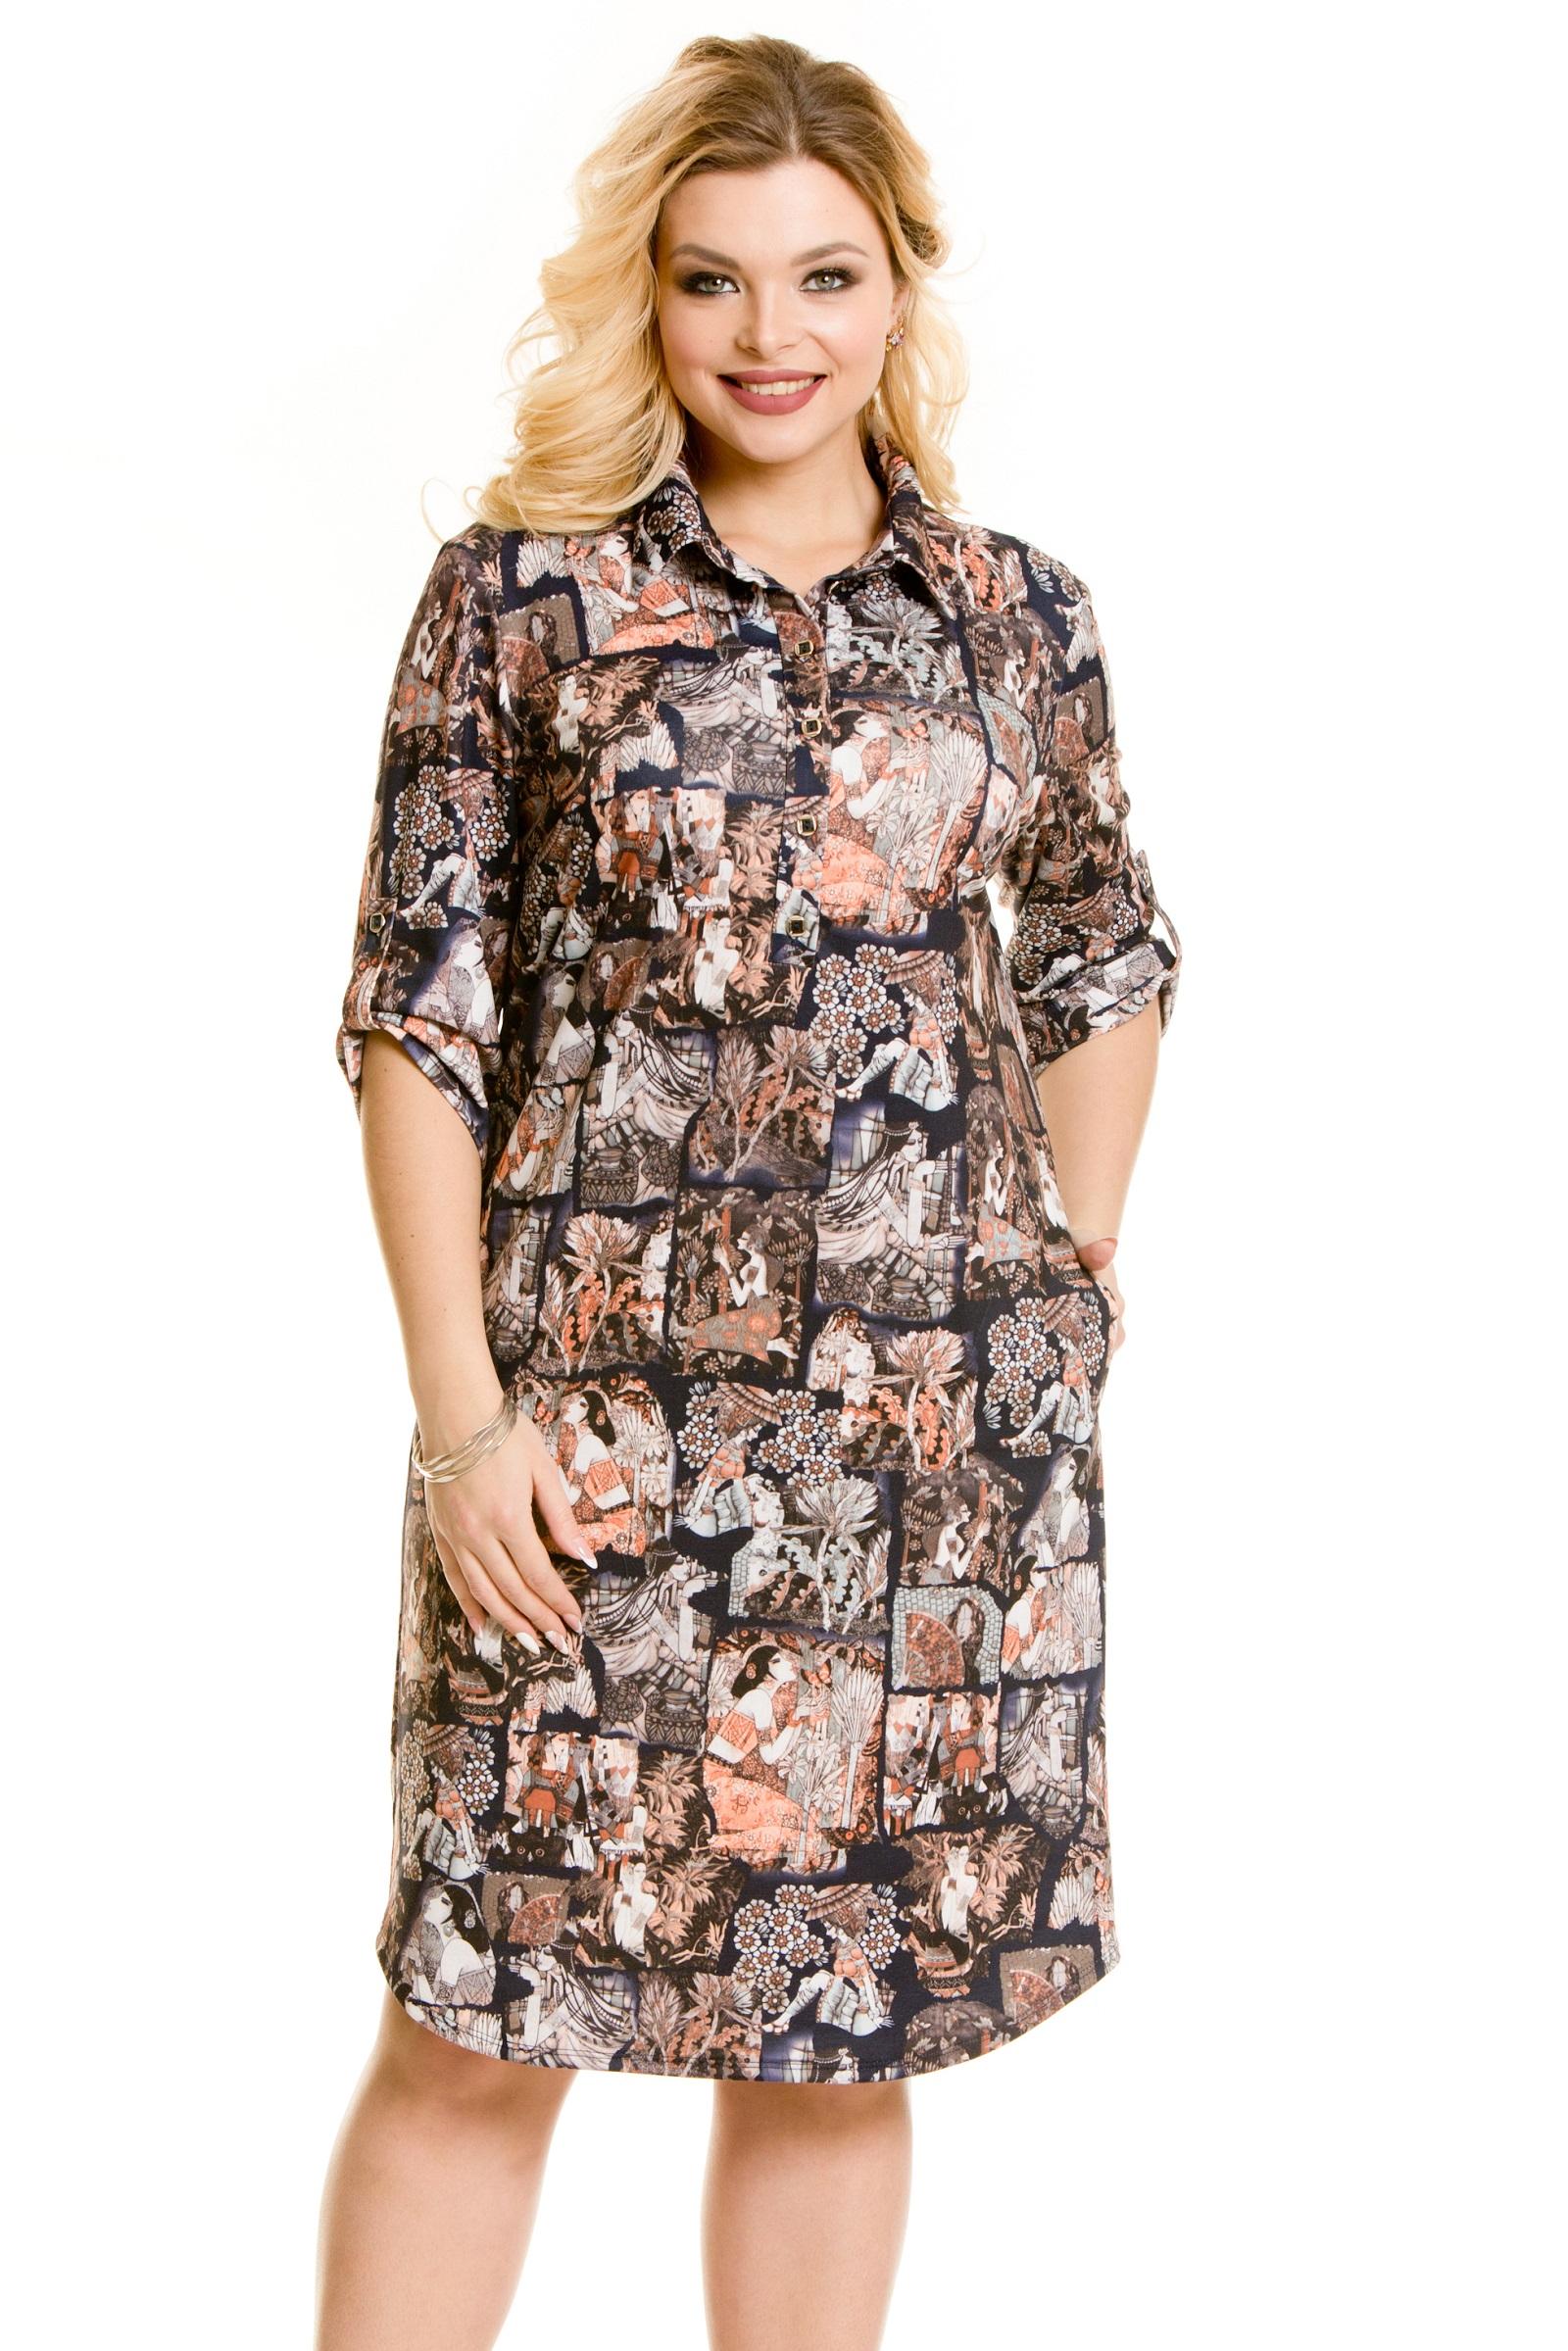 ee1dee2b63d Женская одежда оптом от производителя